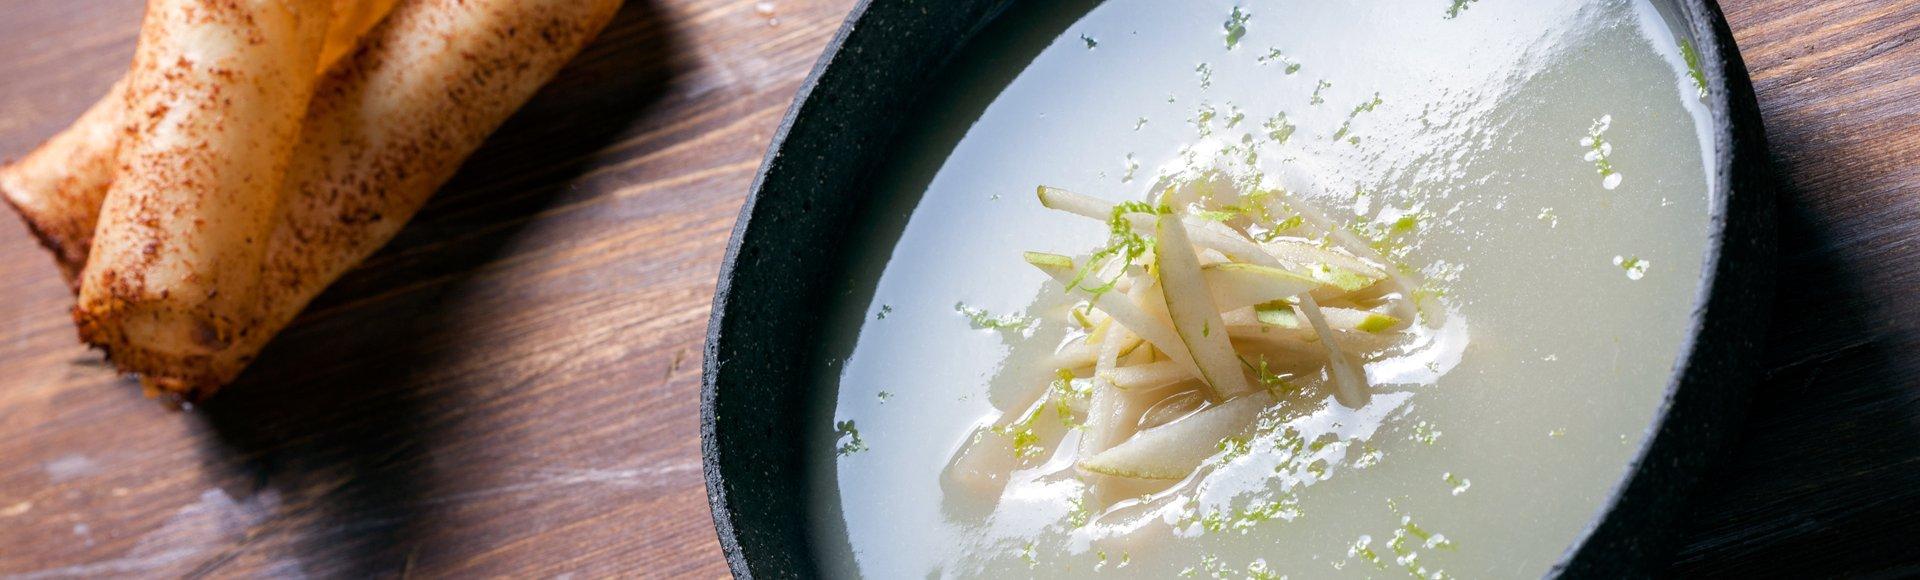 Γλυκιά σούπα αχλάδι